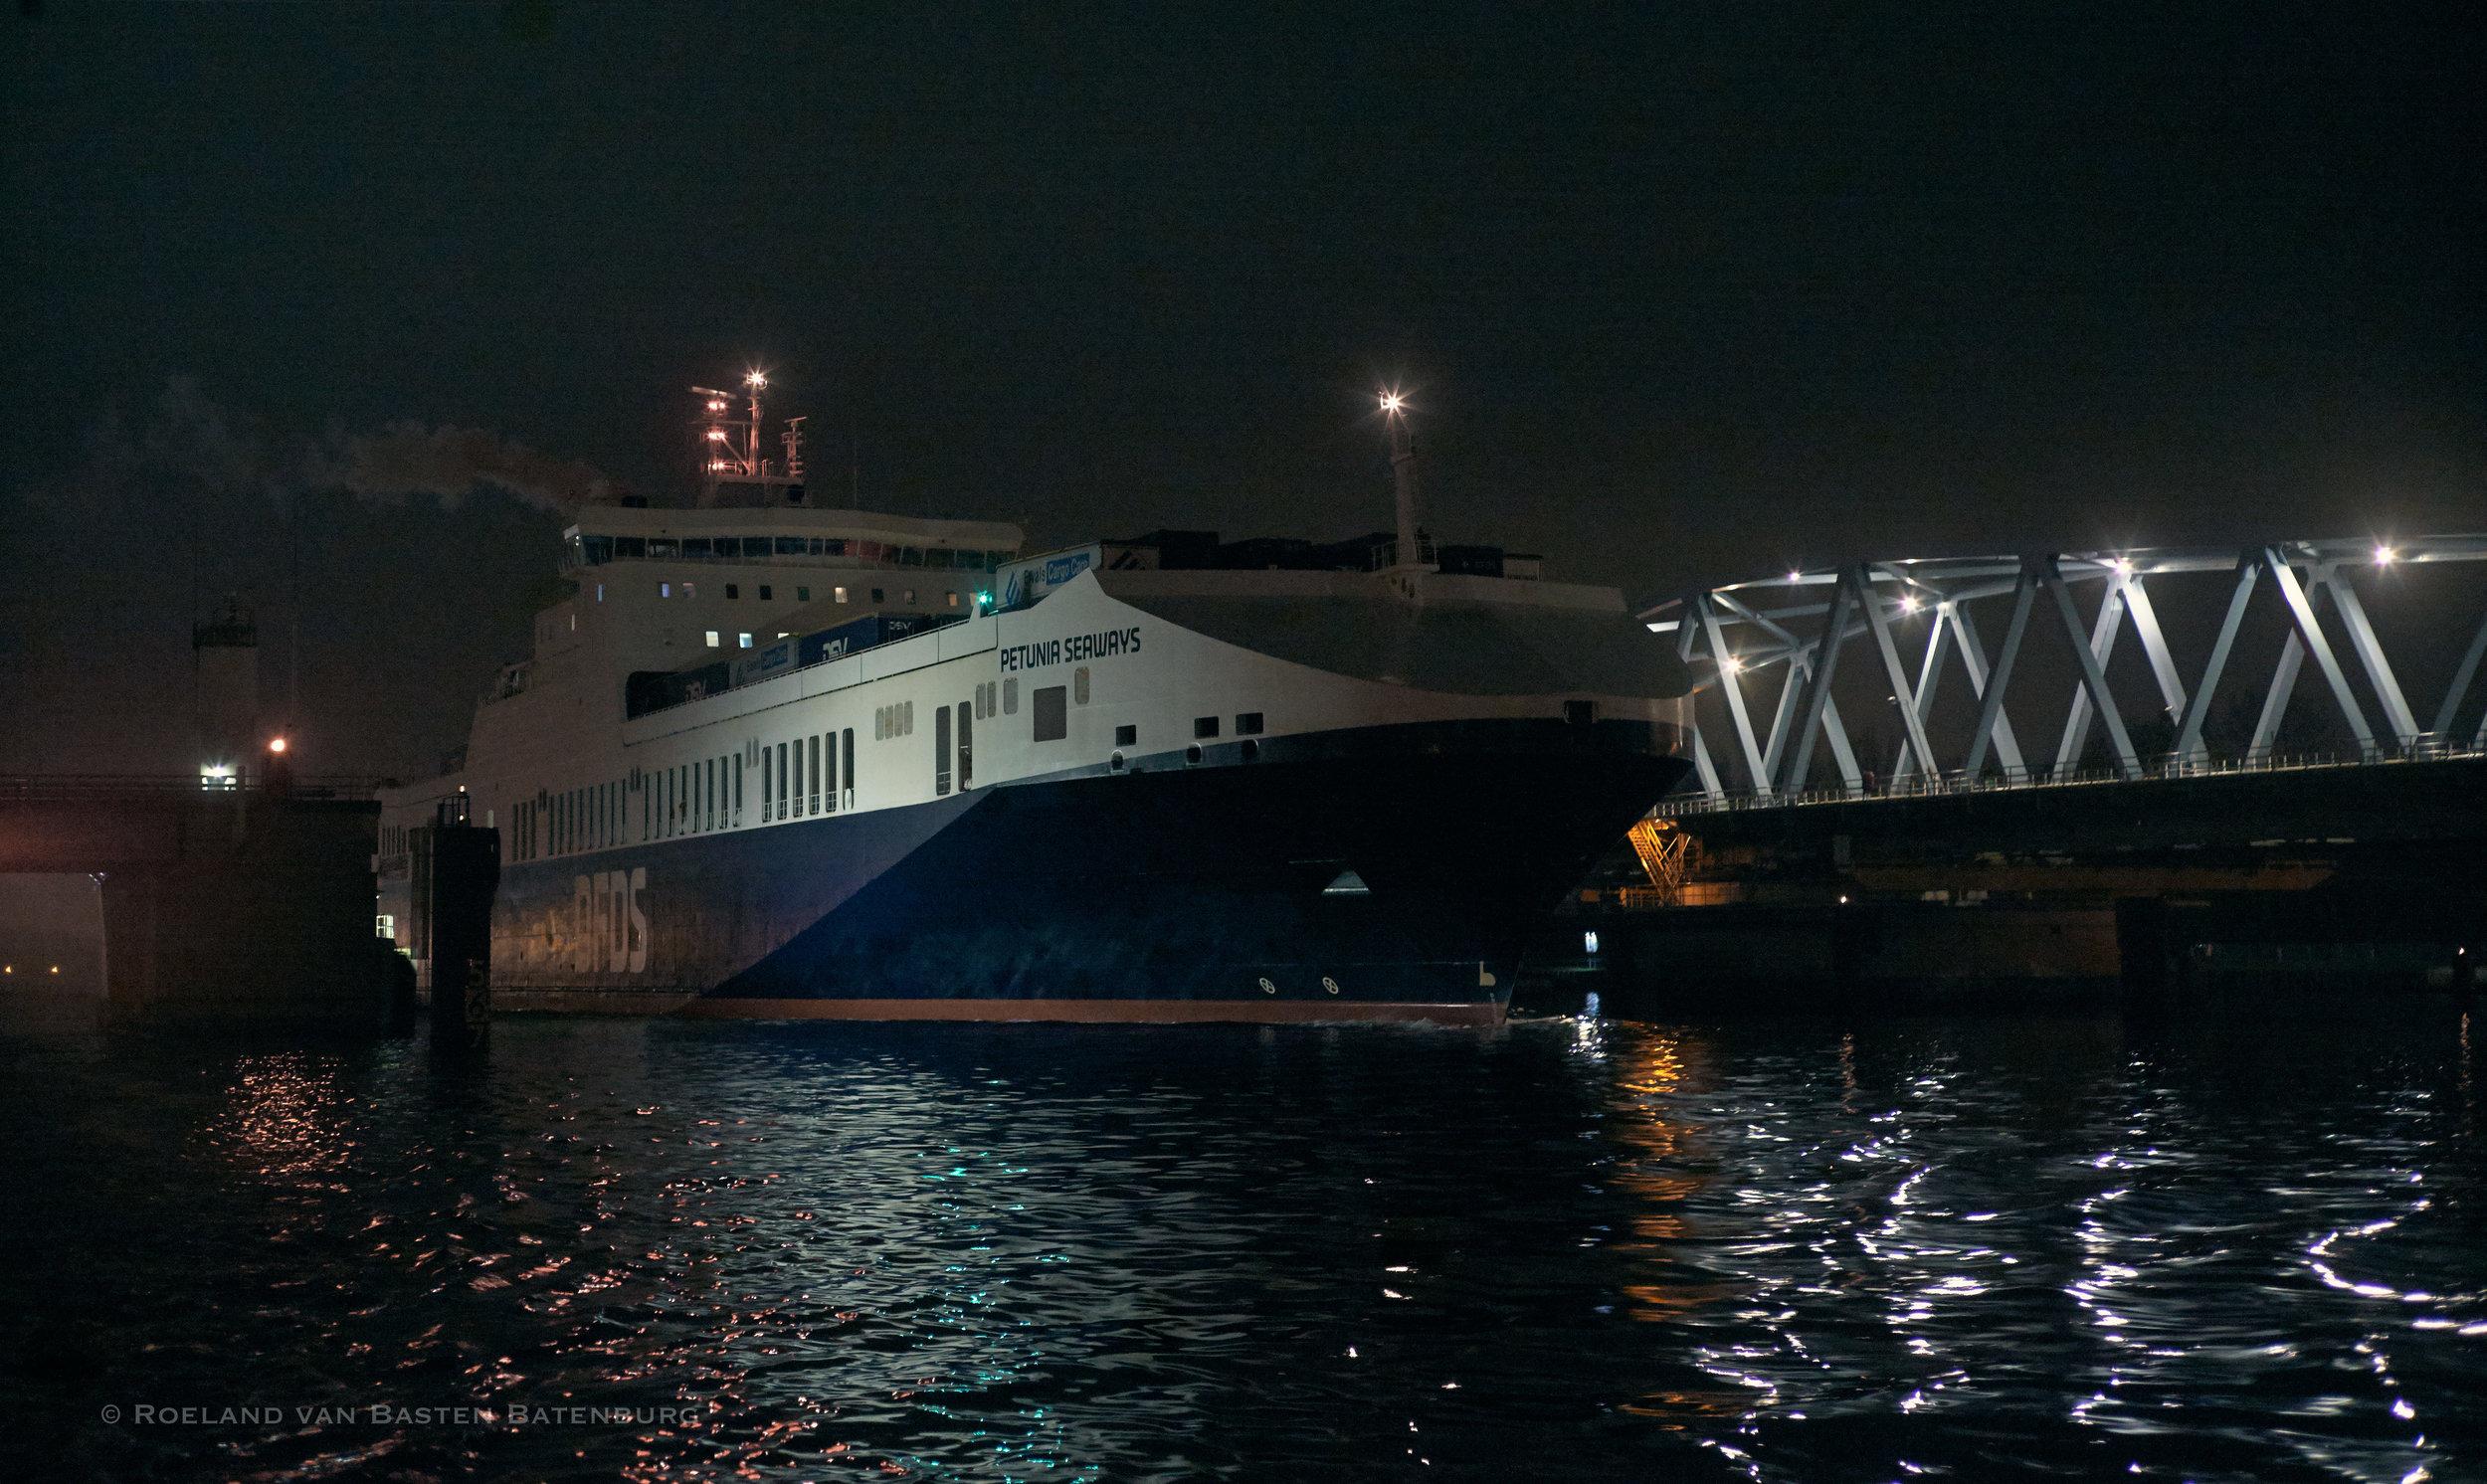 Een zeeschip dat ons oploopt vaart door de brug van Sluiskil. Uiteindelijk zal het ons op een paar meter afstand passeren, hoewel we zelf op zo'n 15 meter uit de oever varen.